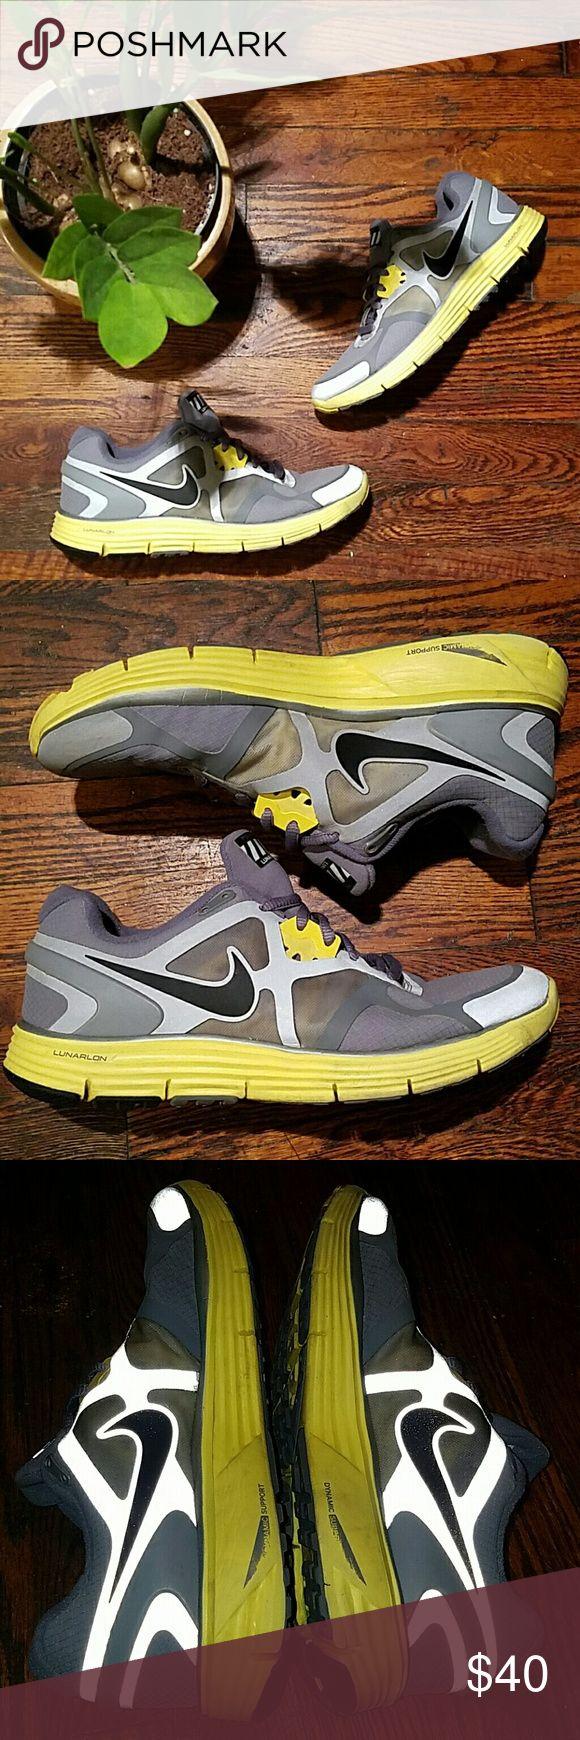 f14e2cac63f64 Zapatillas Nike Lunarglide 3 Shield